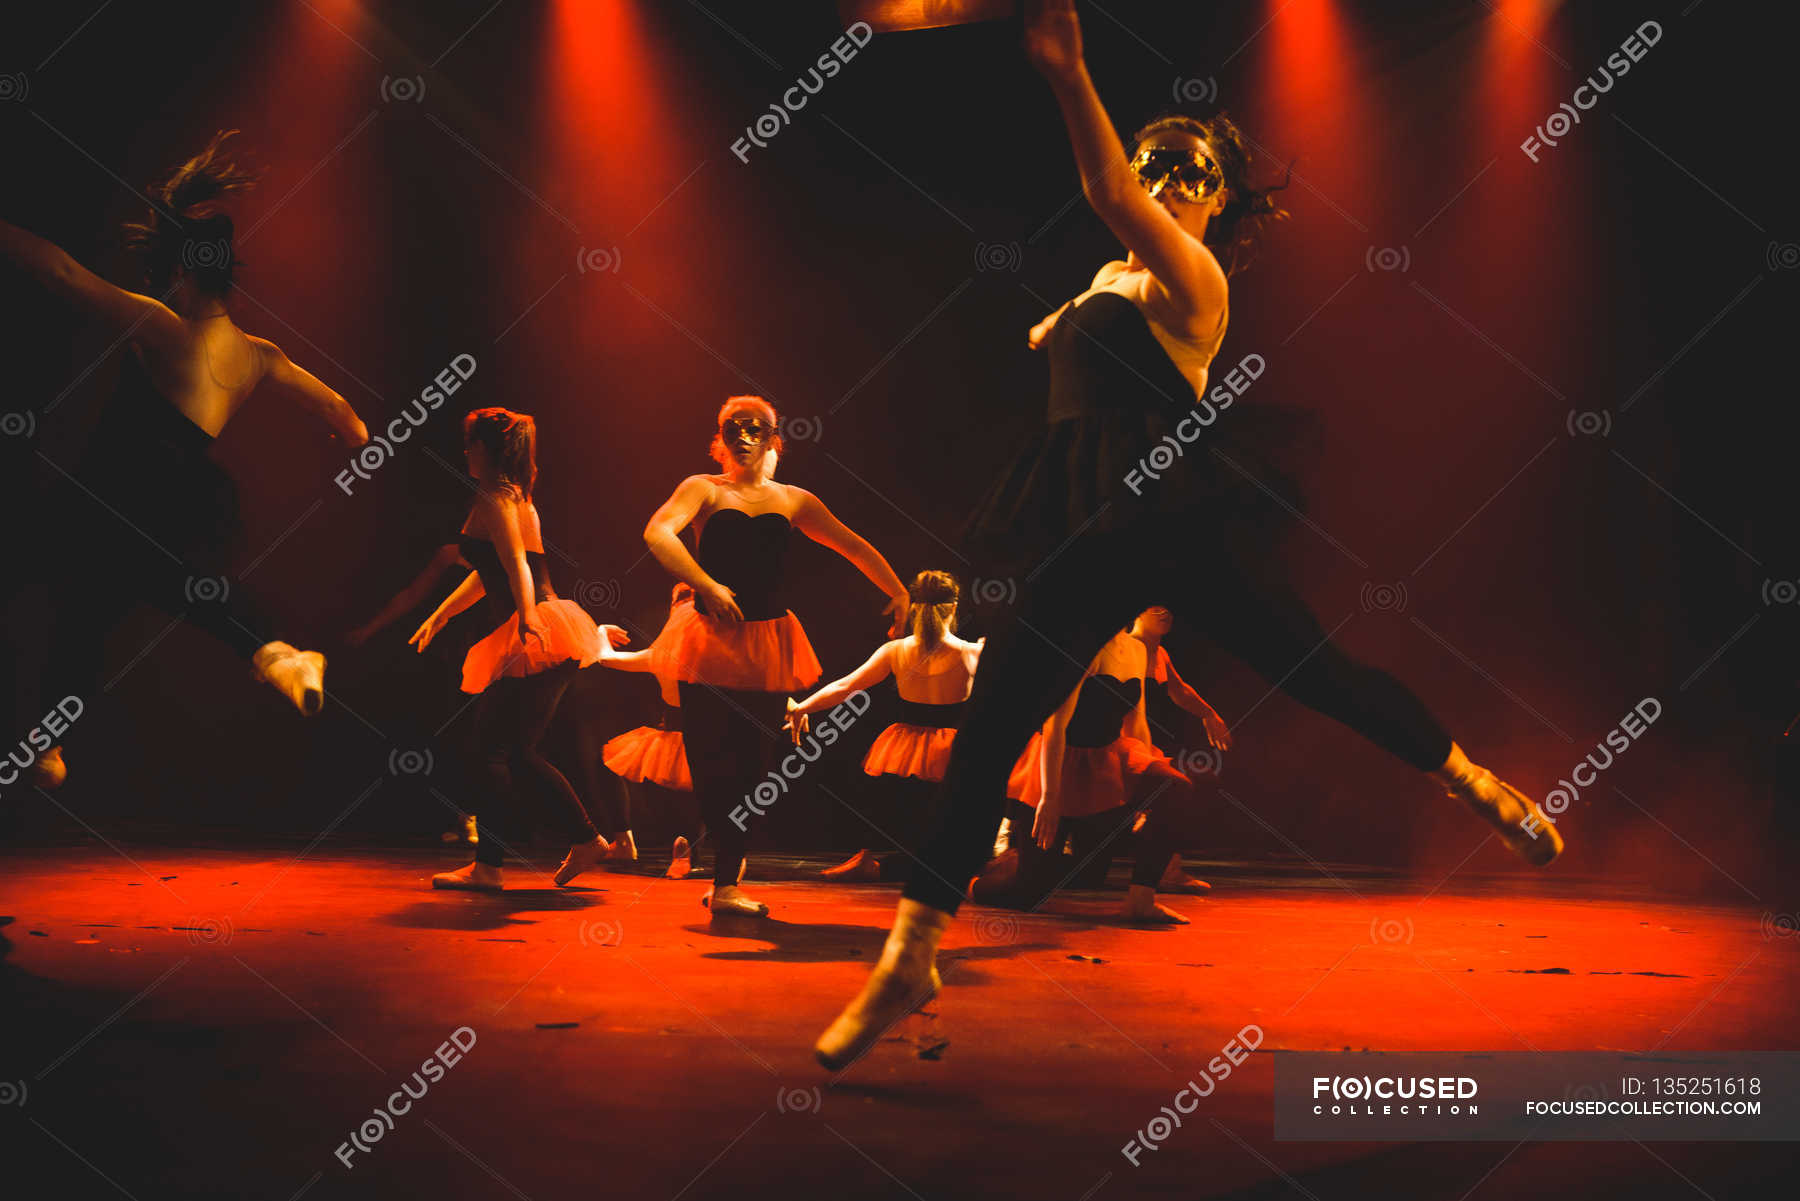 эту концепцию как фотографировать танцующих людей на сцене штукатурка эффектом грубых